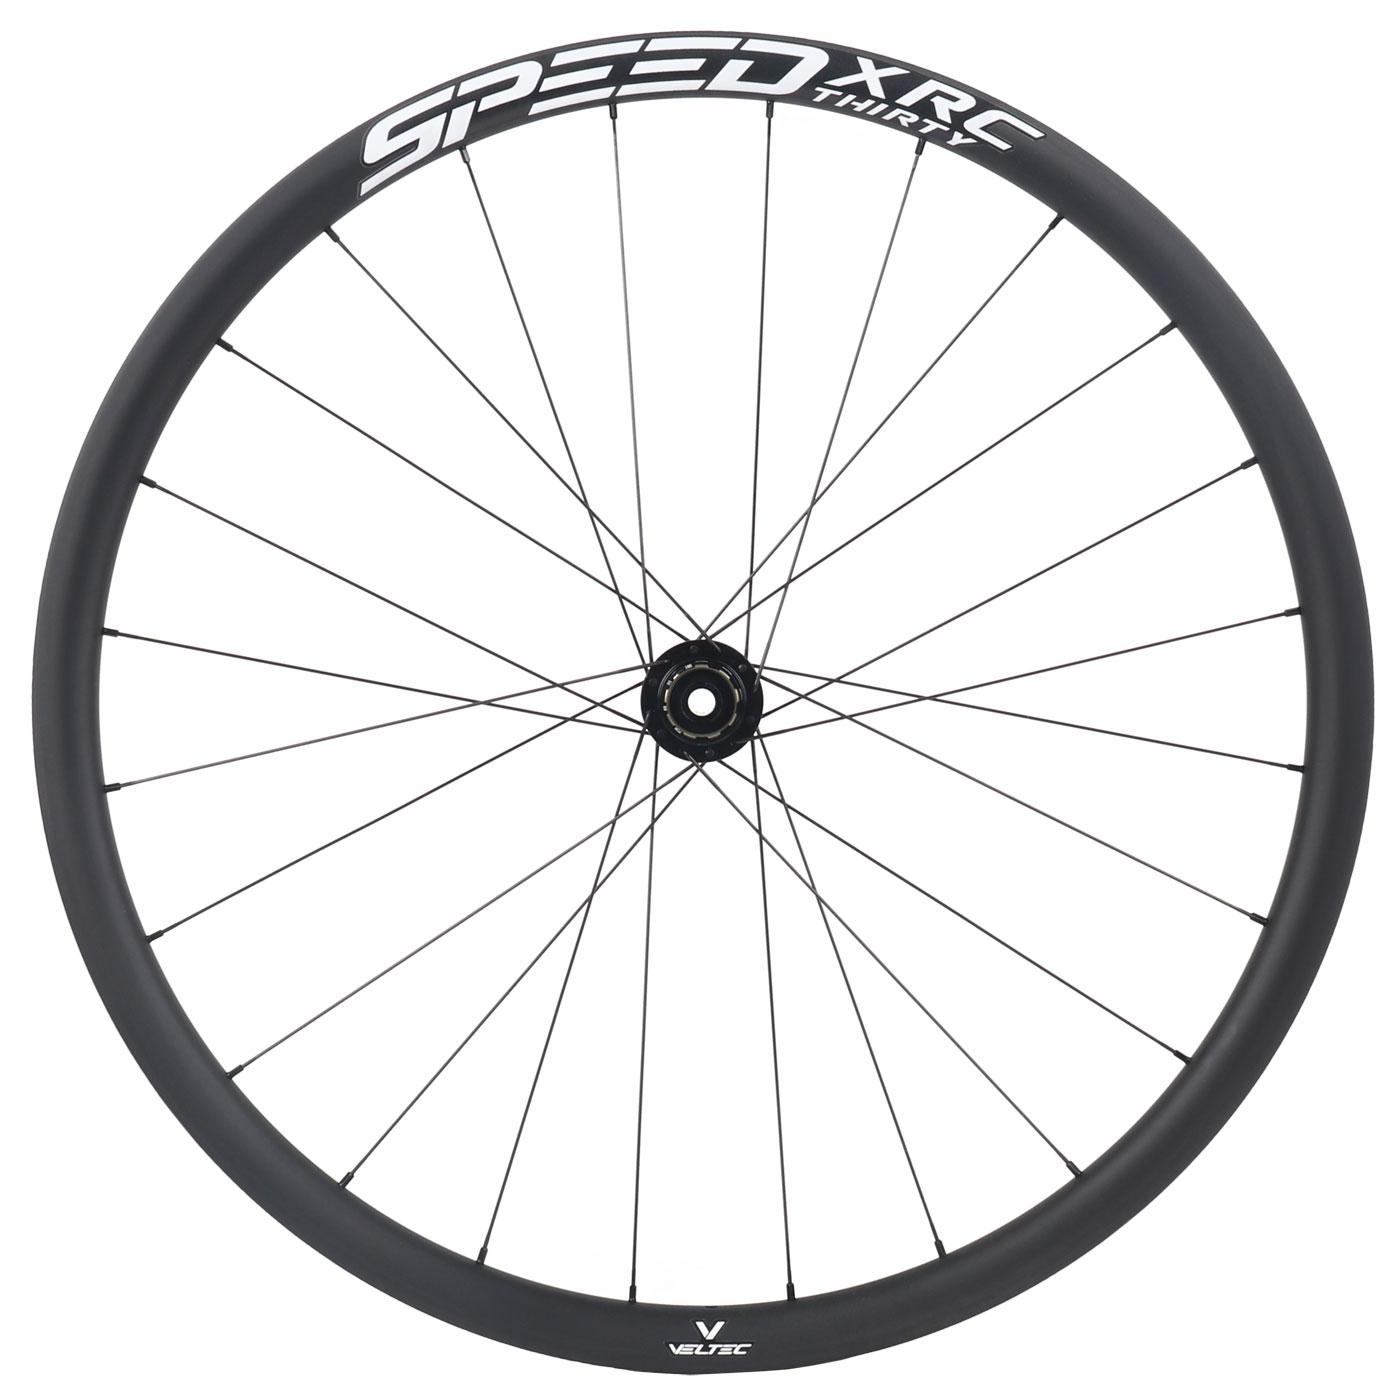 Veltec Speed XCR 30 Disc Carbon Hinterrad - Drahtreifen - 12x142mm - Shimano HG - schwarz mit weißen Decals